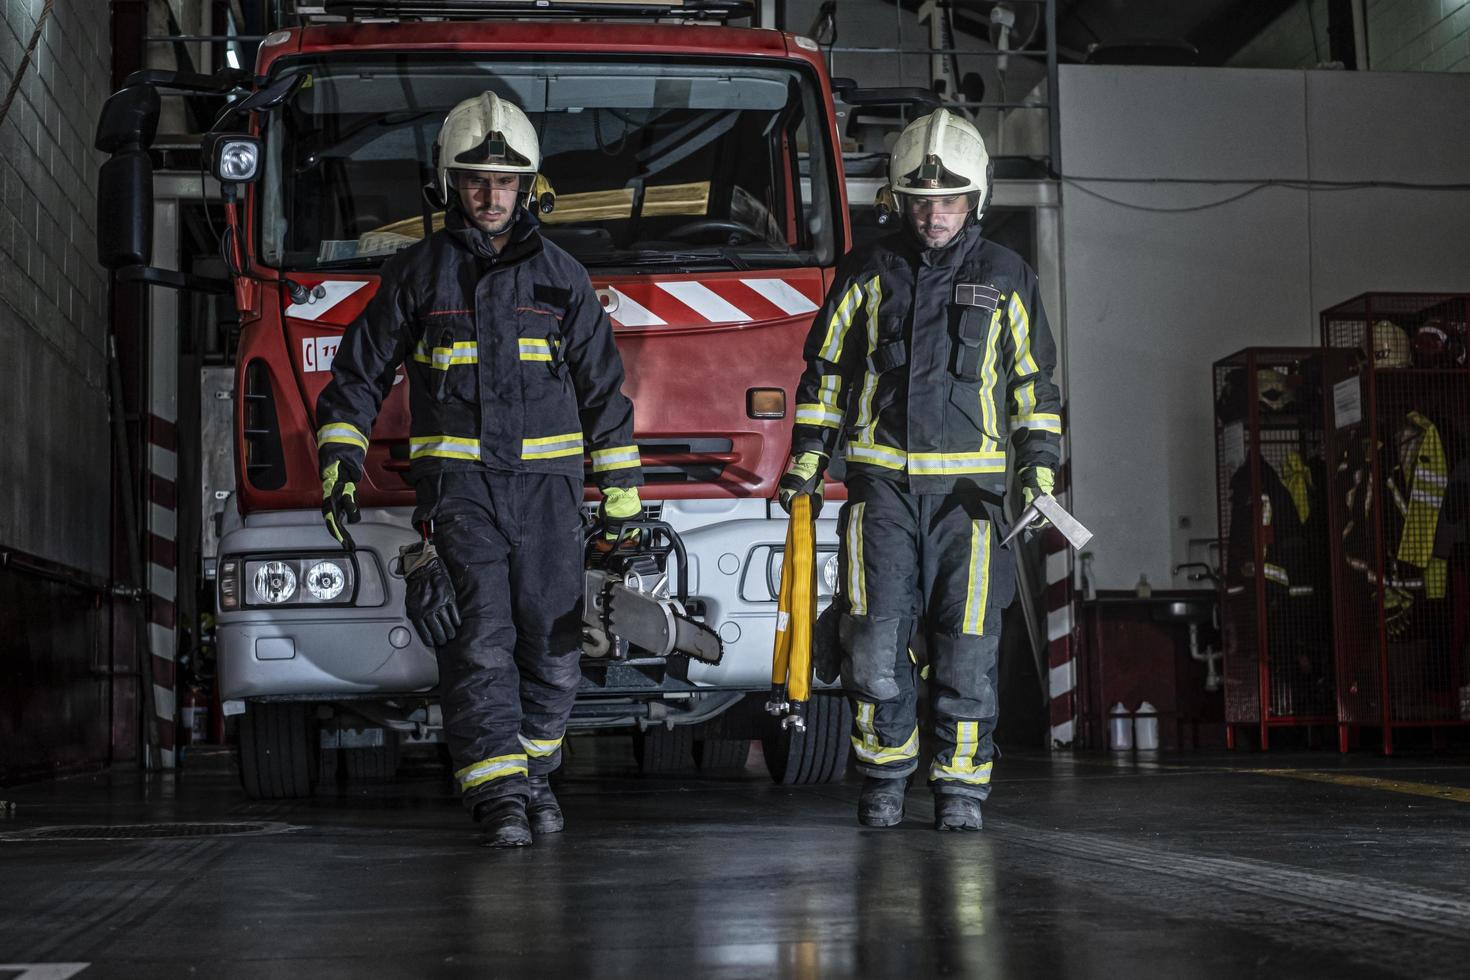 pompiers quittant la station équipés et avec les outils pour l'extinction de l'incendie photo